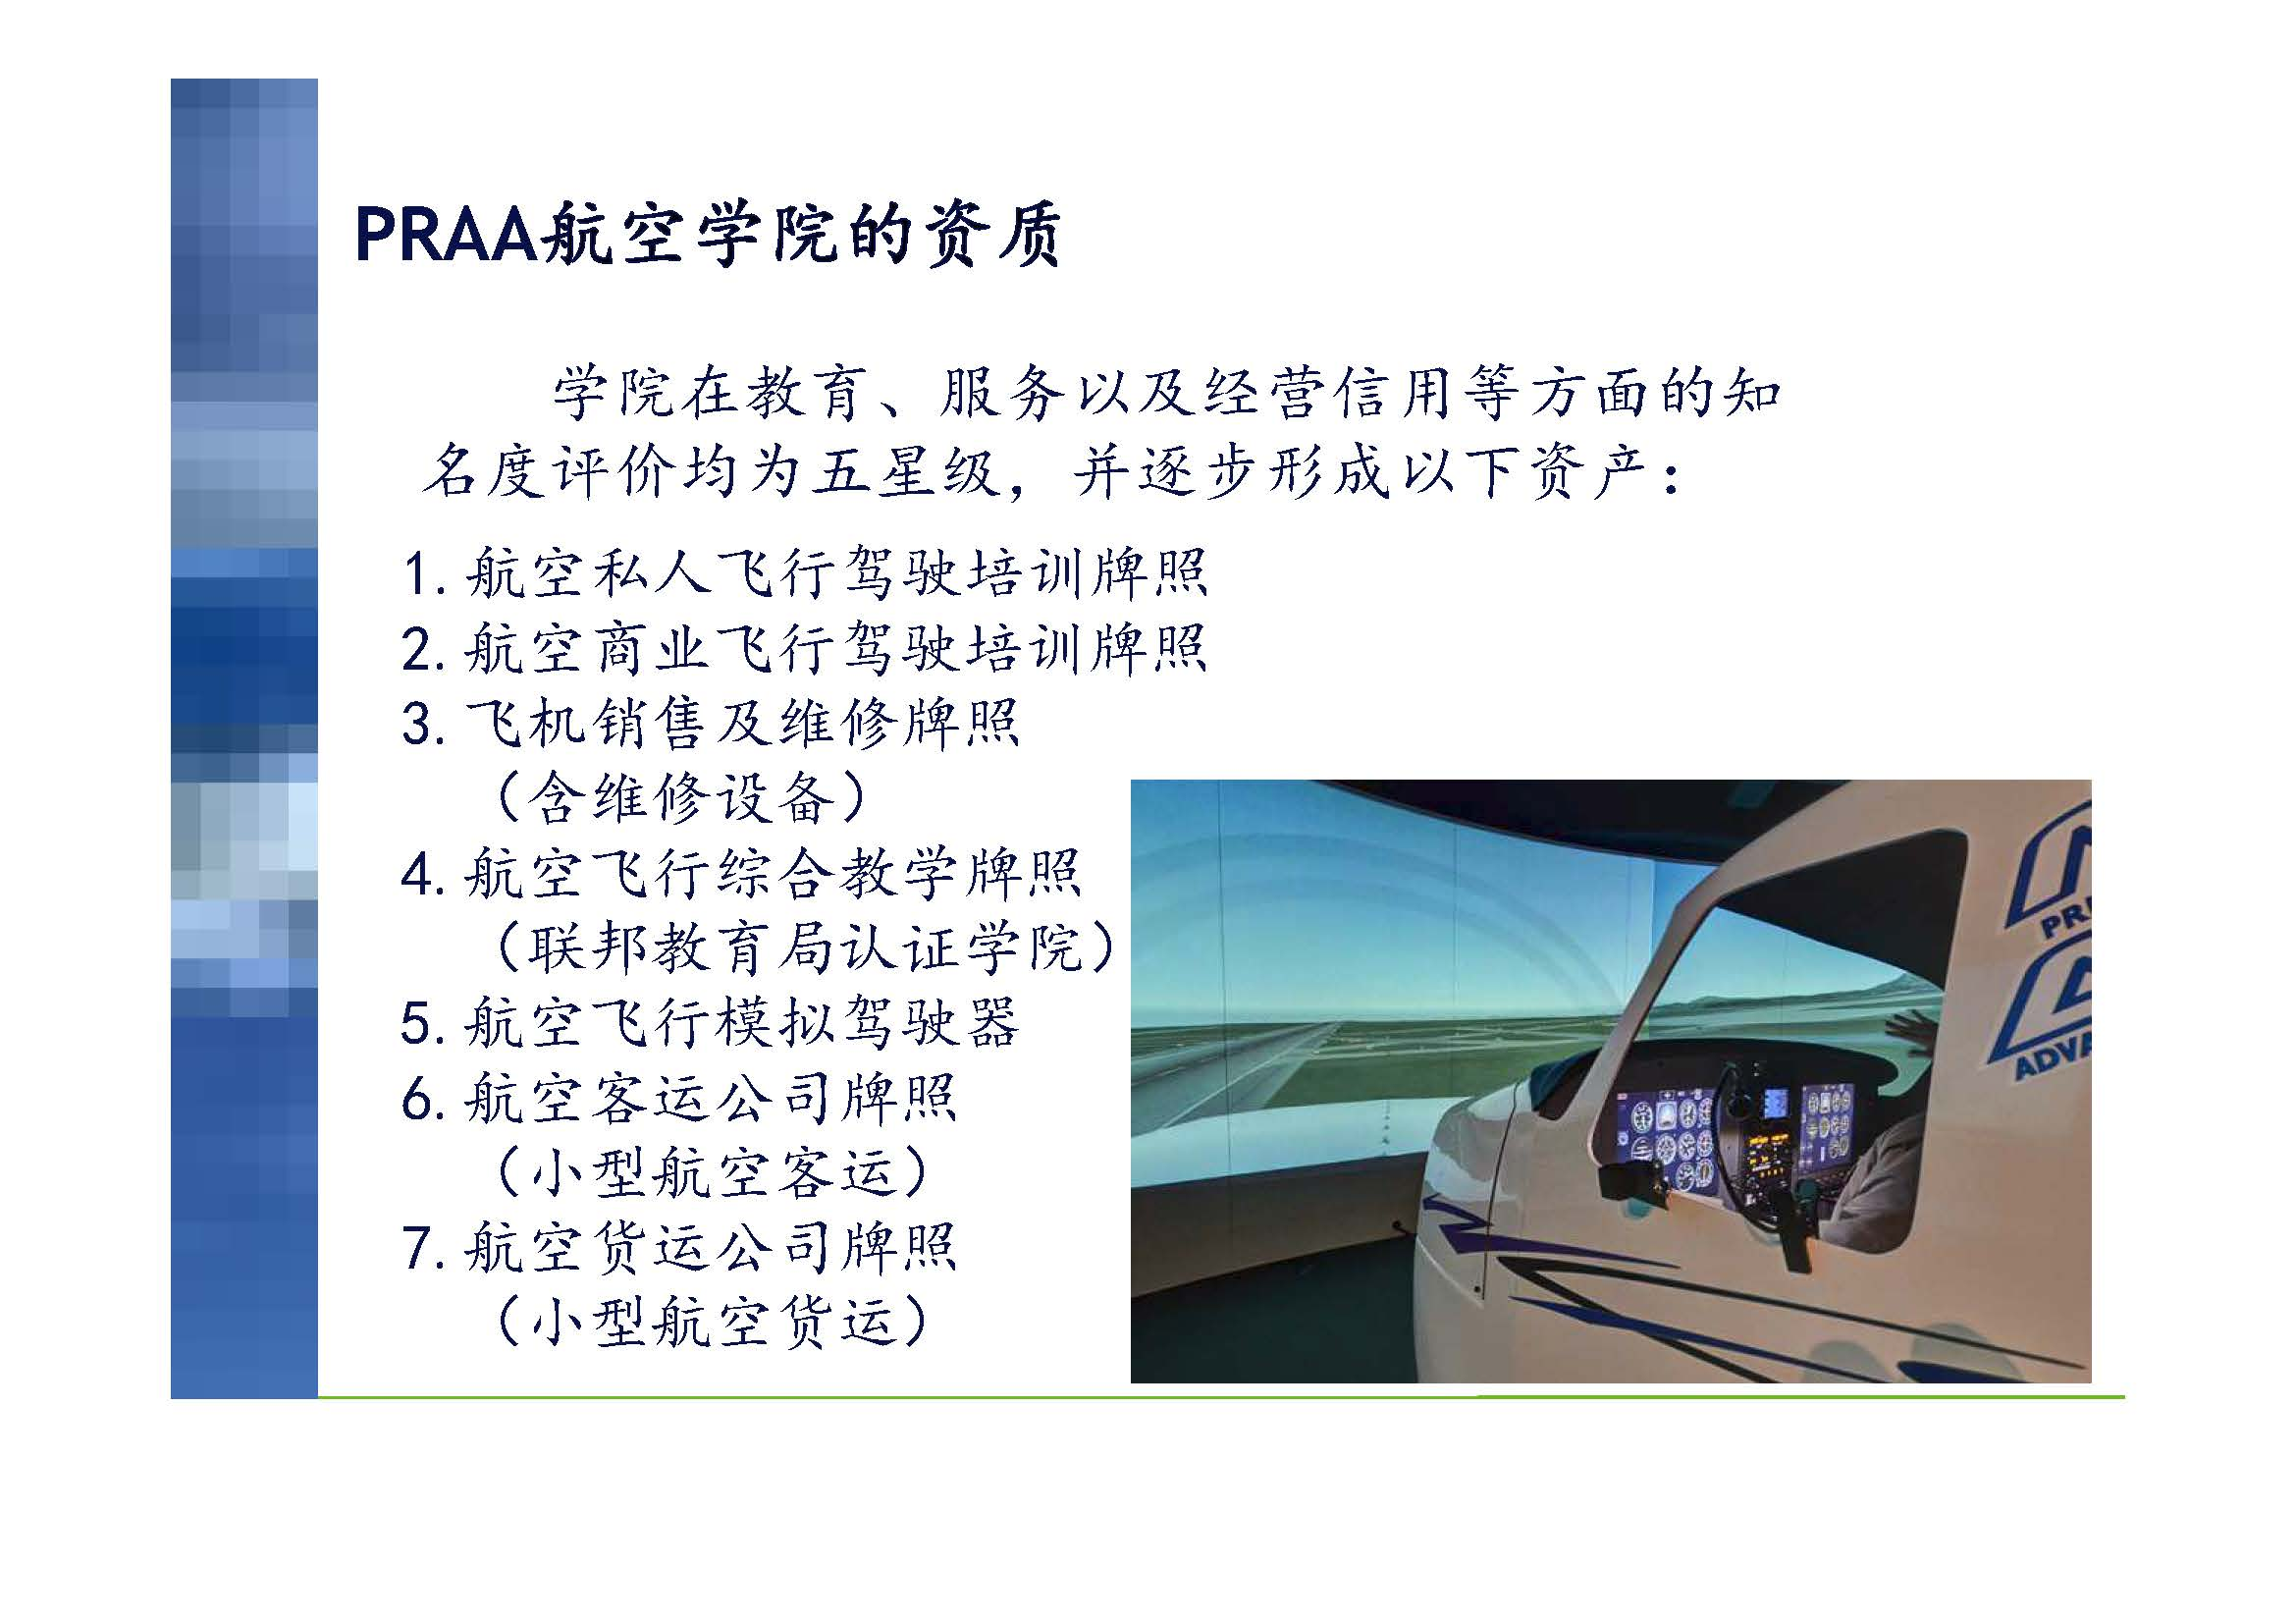 pnpjpg page 04